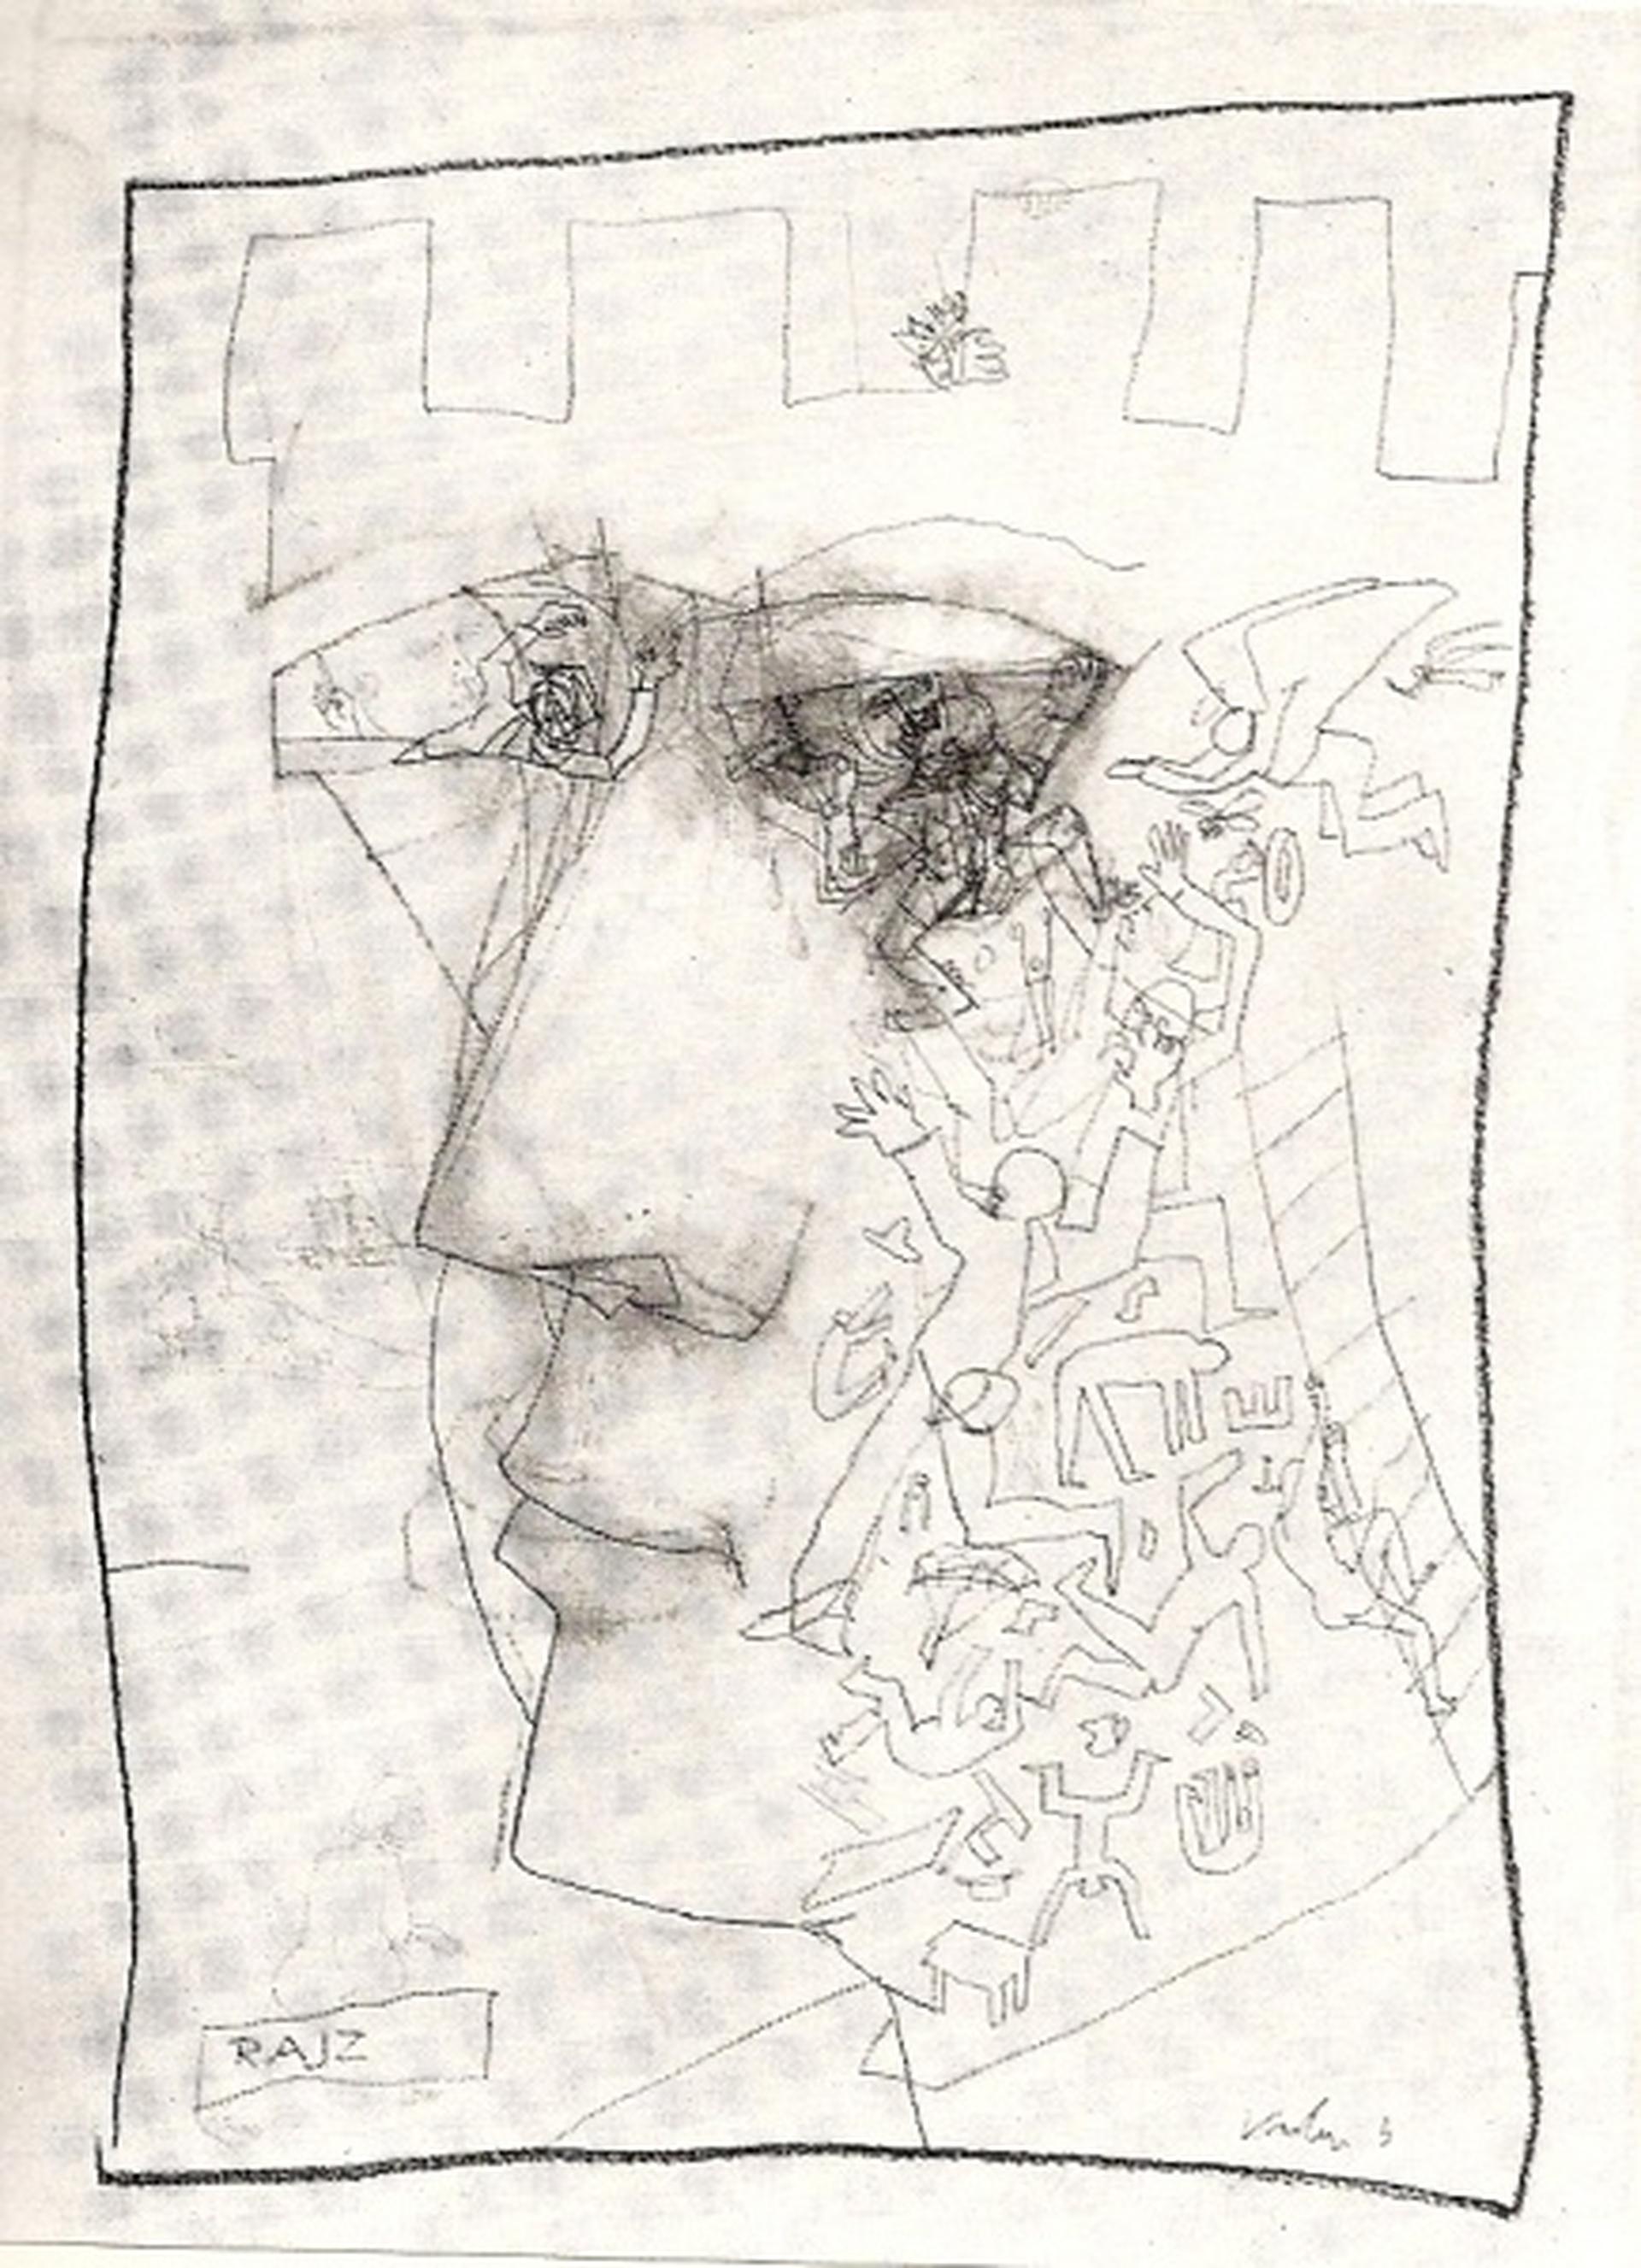 narbekov a látásról